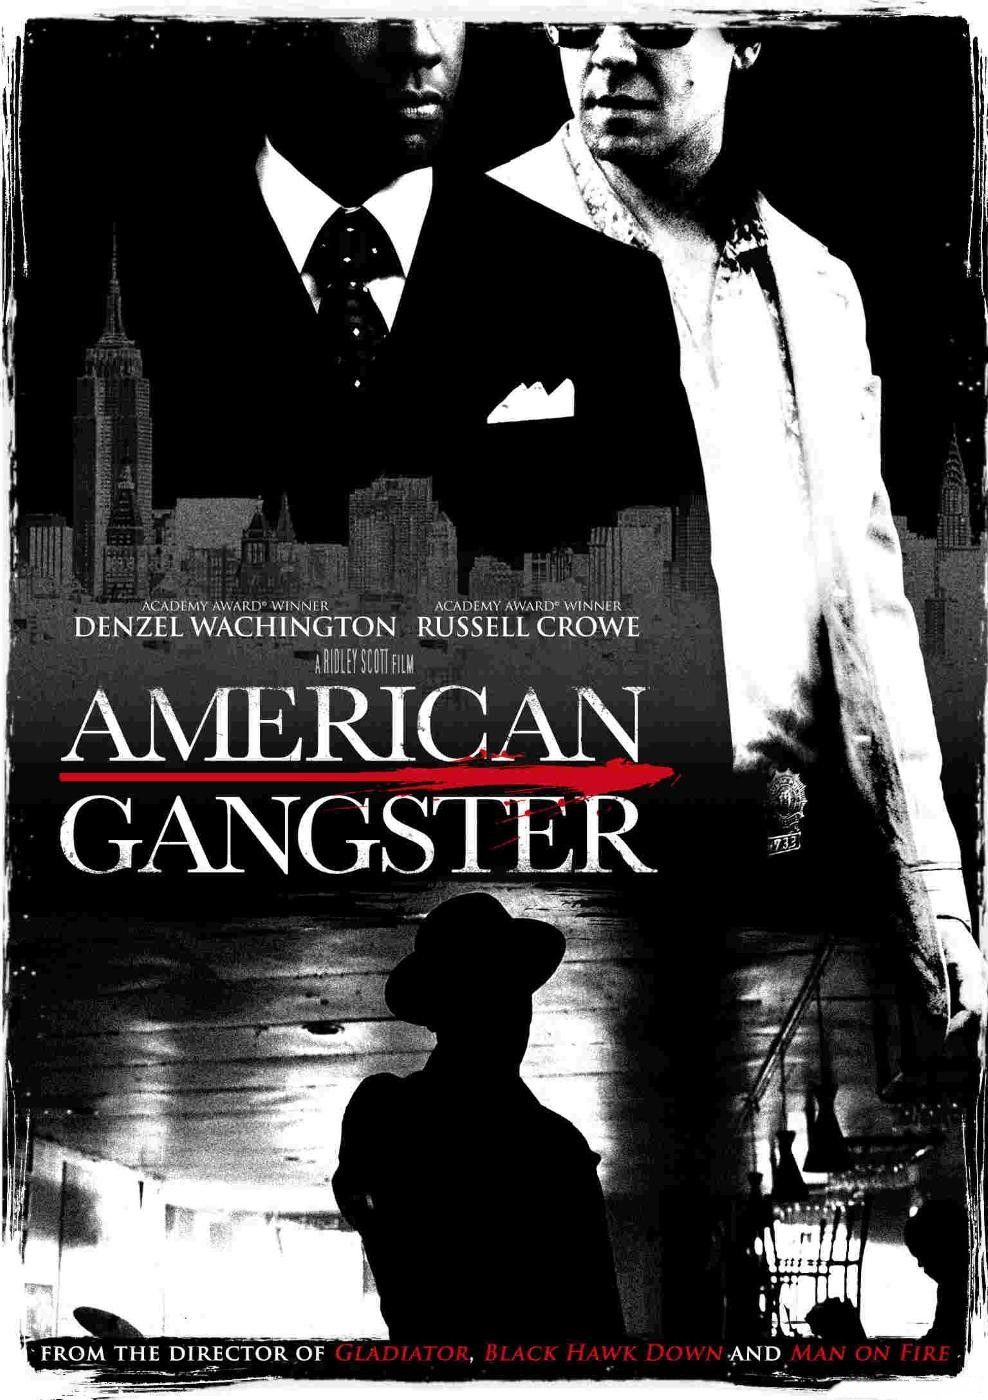 affiches posters et images de american gangster 2007. Black Bedroom Furniture Sets. Home Design Ideas